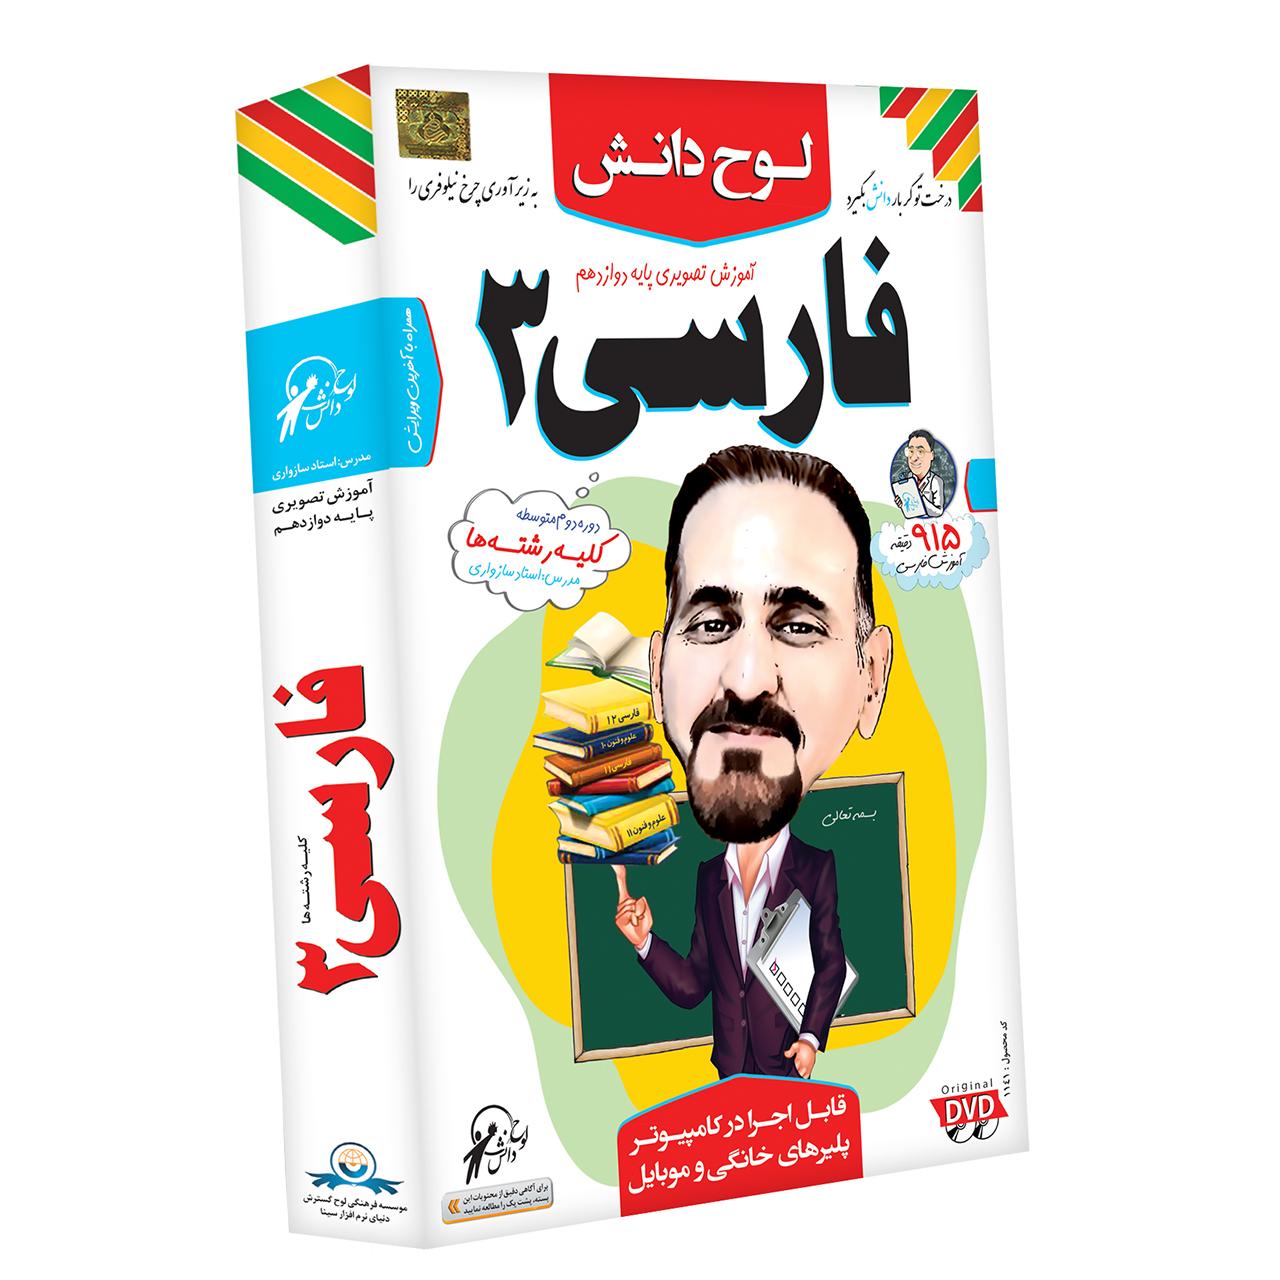 آموزش تصویری فارسی 3 نشر لوح دانش